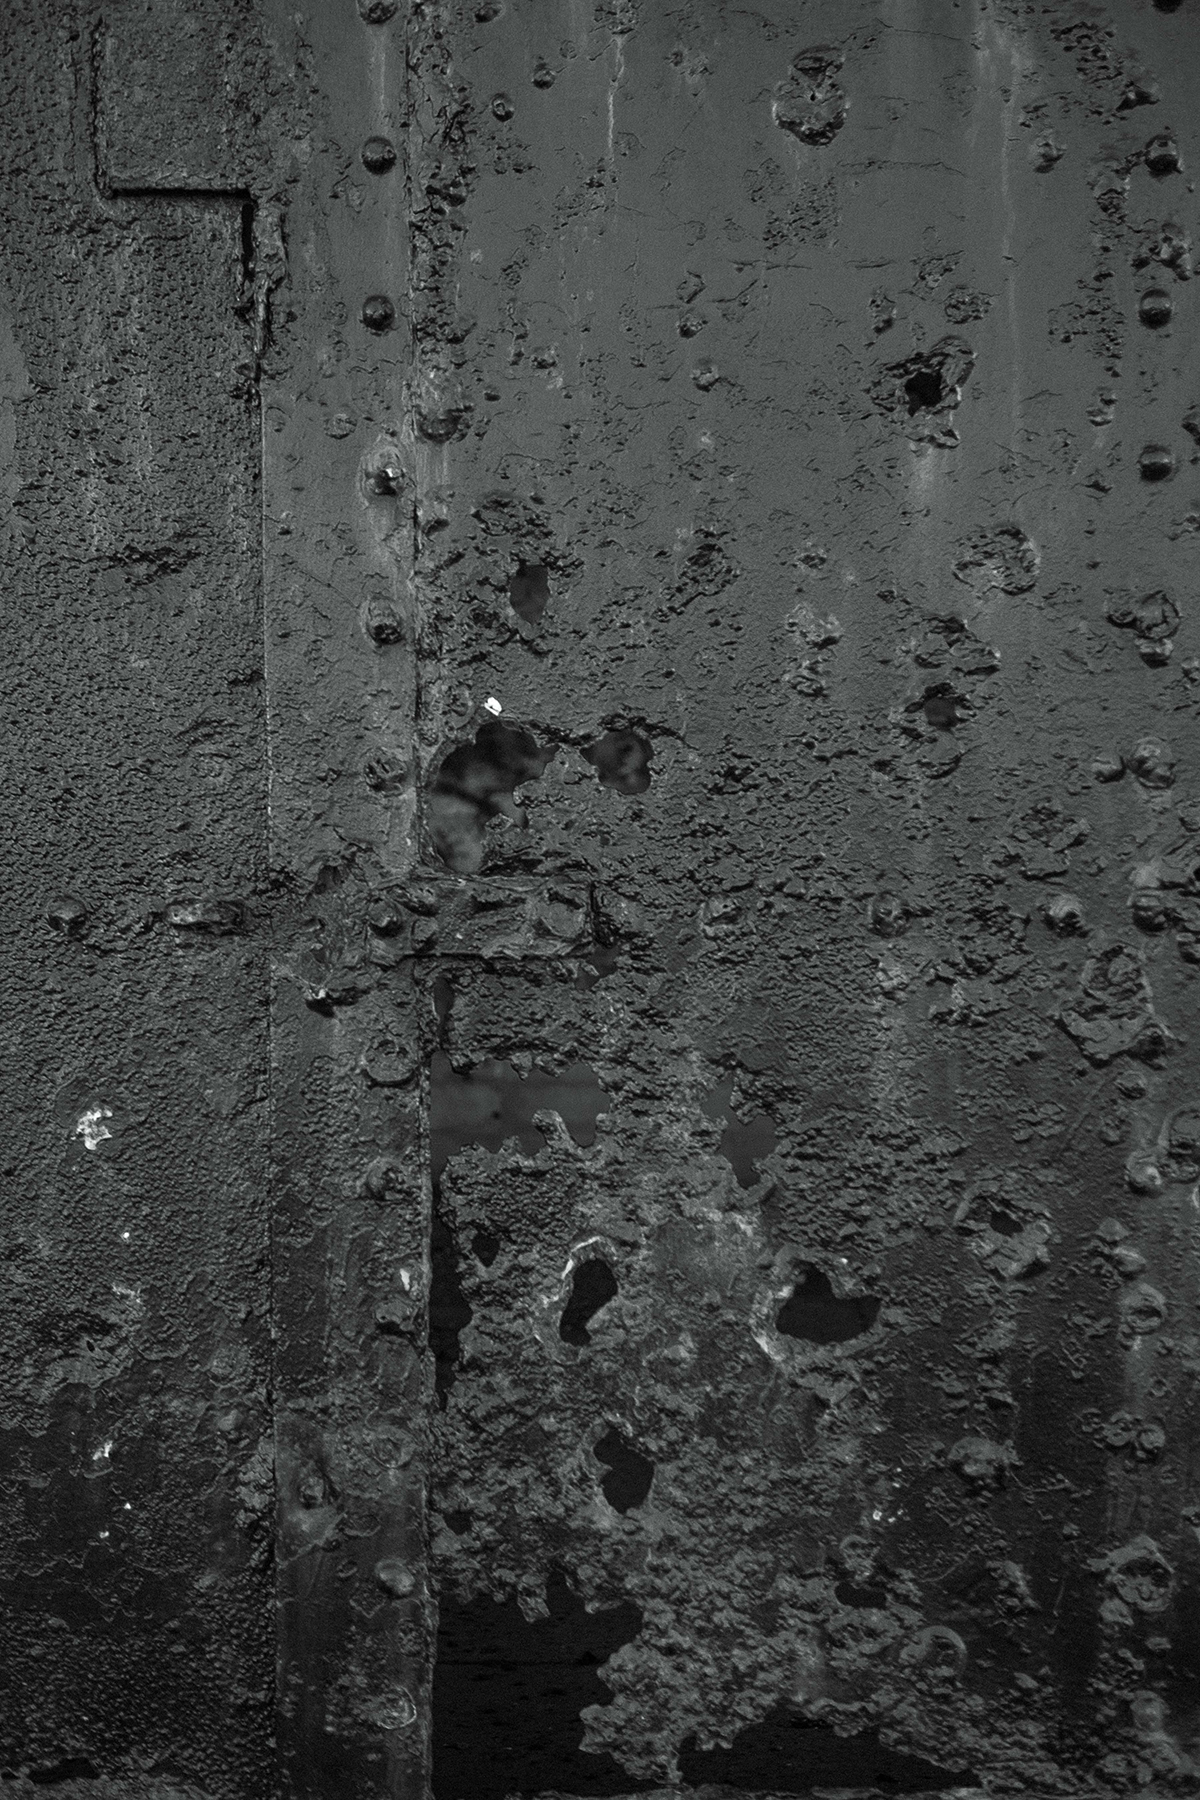 cuckoo-4.jpg